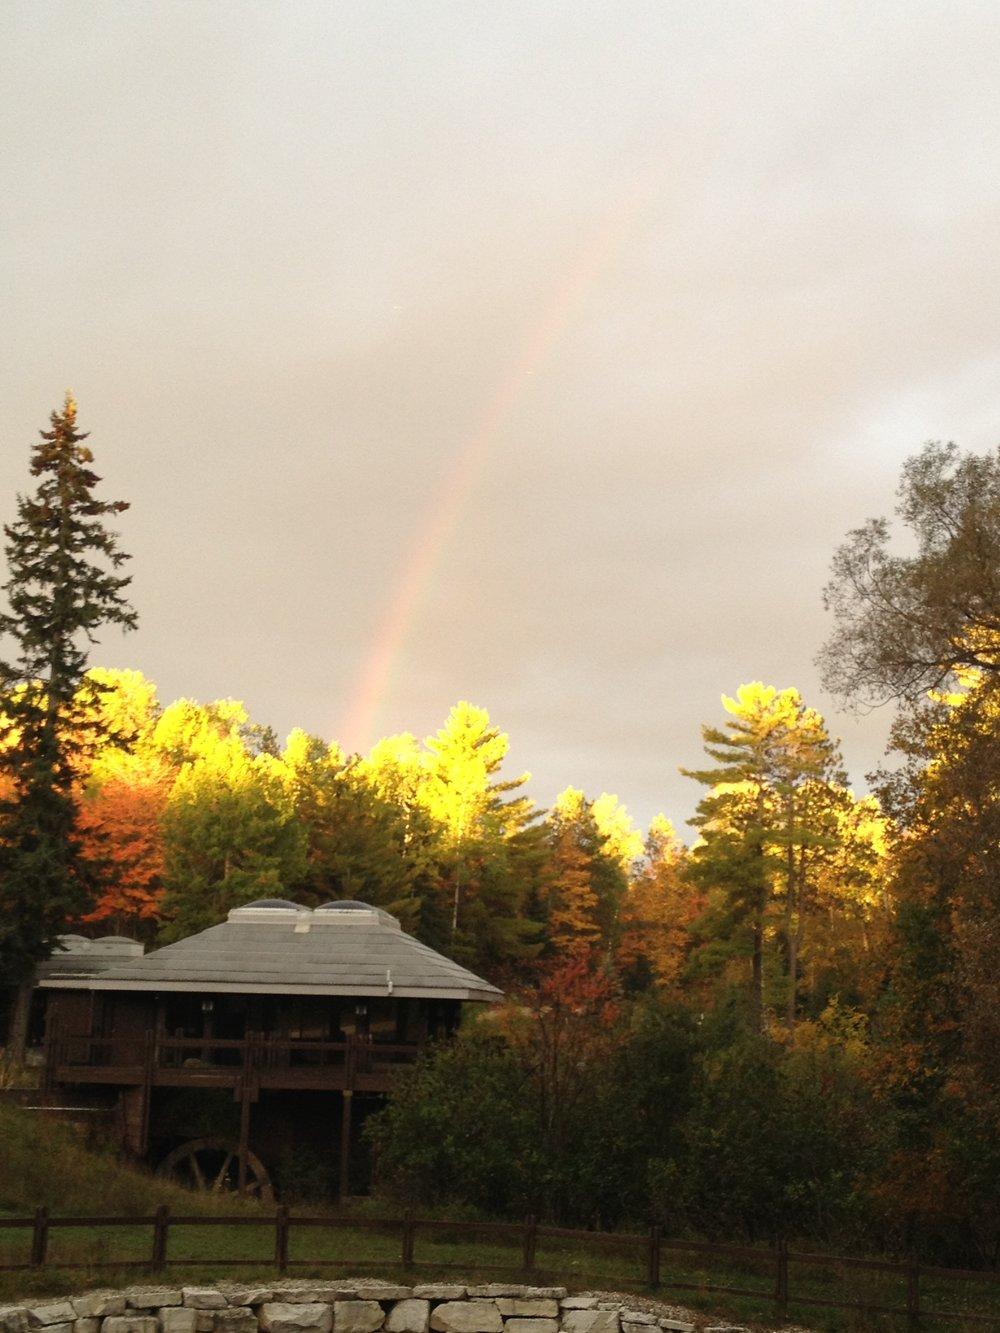 Wheelhouse with rainbow in autumn.jpg